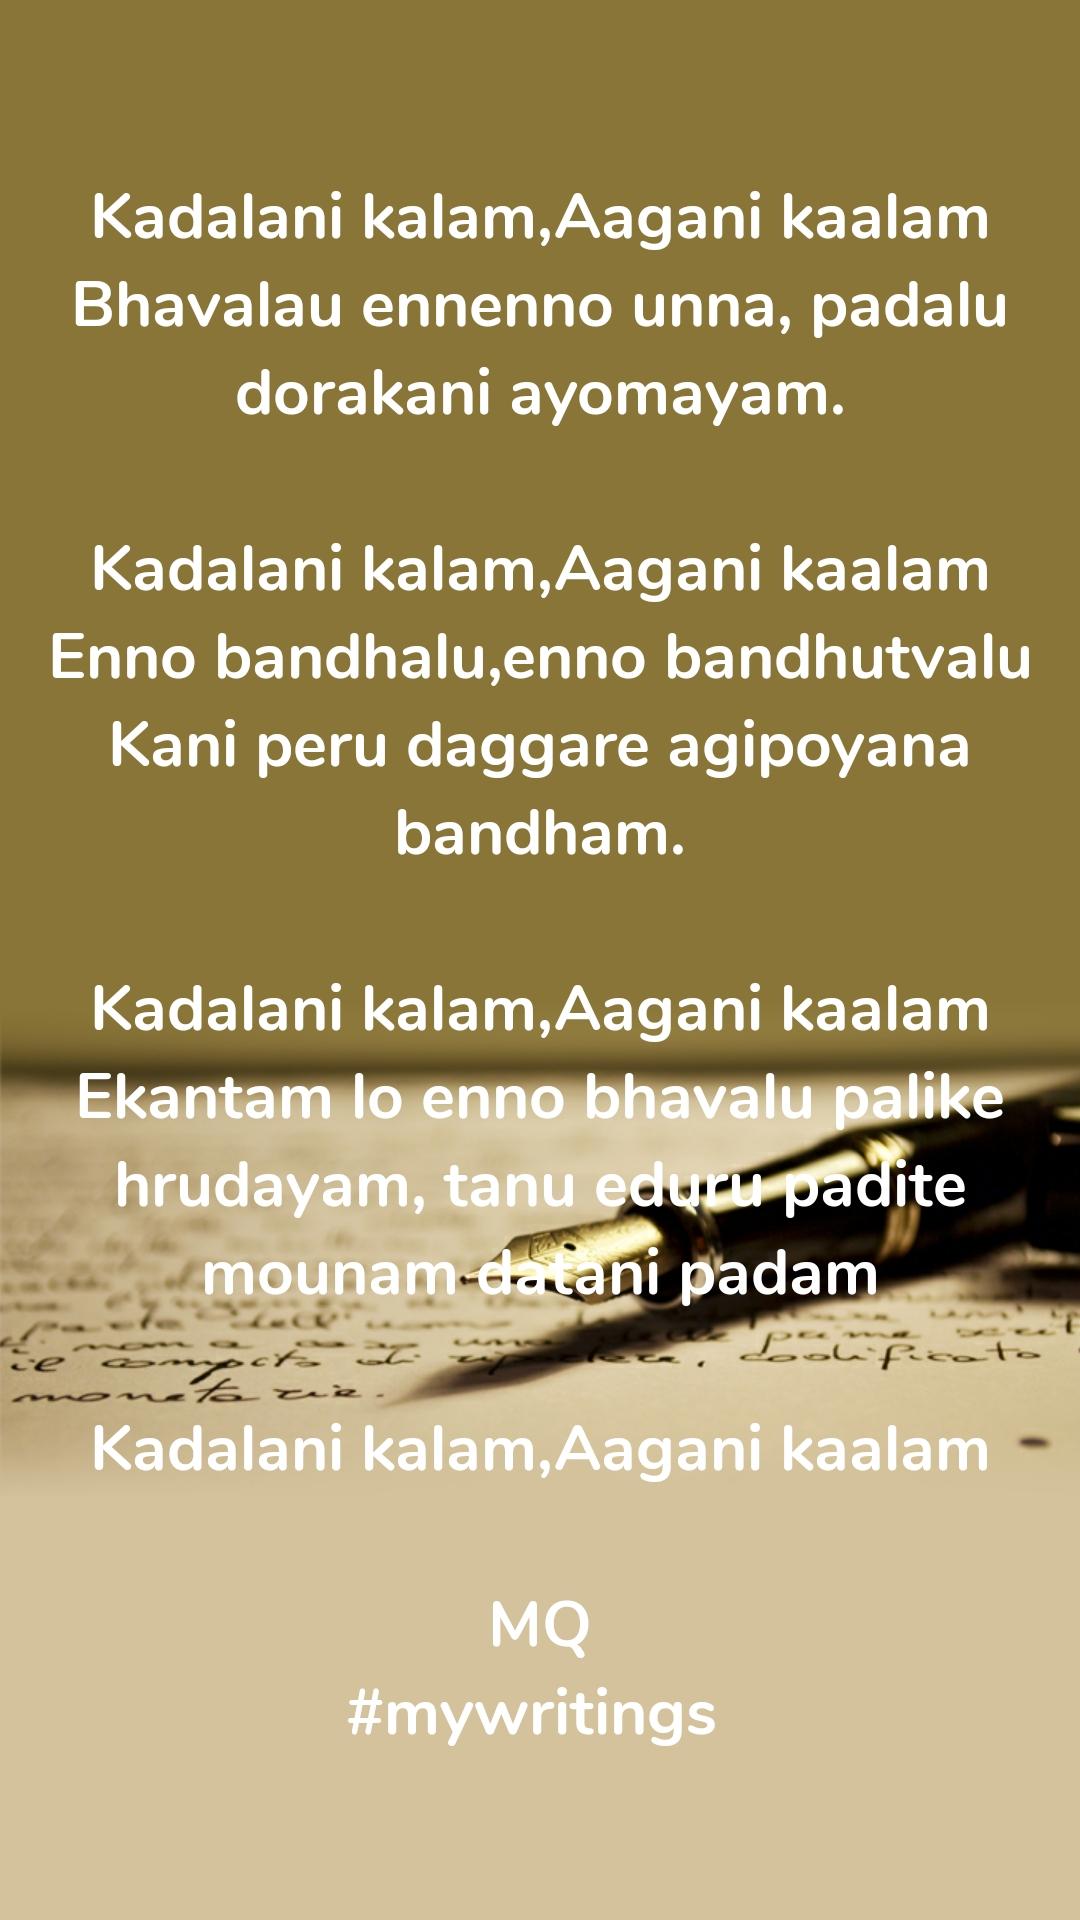 Kadalani kalam,Aagani kaalam Bhavalau ennenno unna, padalu dorakani ayomayam.  Kadalani kalam,Aagani kaalam Enno bandhalu,enno bandhutvalu Kani peru daggare agipoyana bandham.  Kadalani kalam,Aagani kaalam Ekantam lo enno bhavalu palike hrudayam, tanu eduru padite mounam datani padam  Kadalani kalam,Aagani kaalam  MQ #mywritings